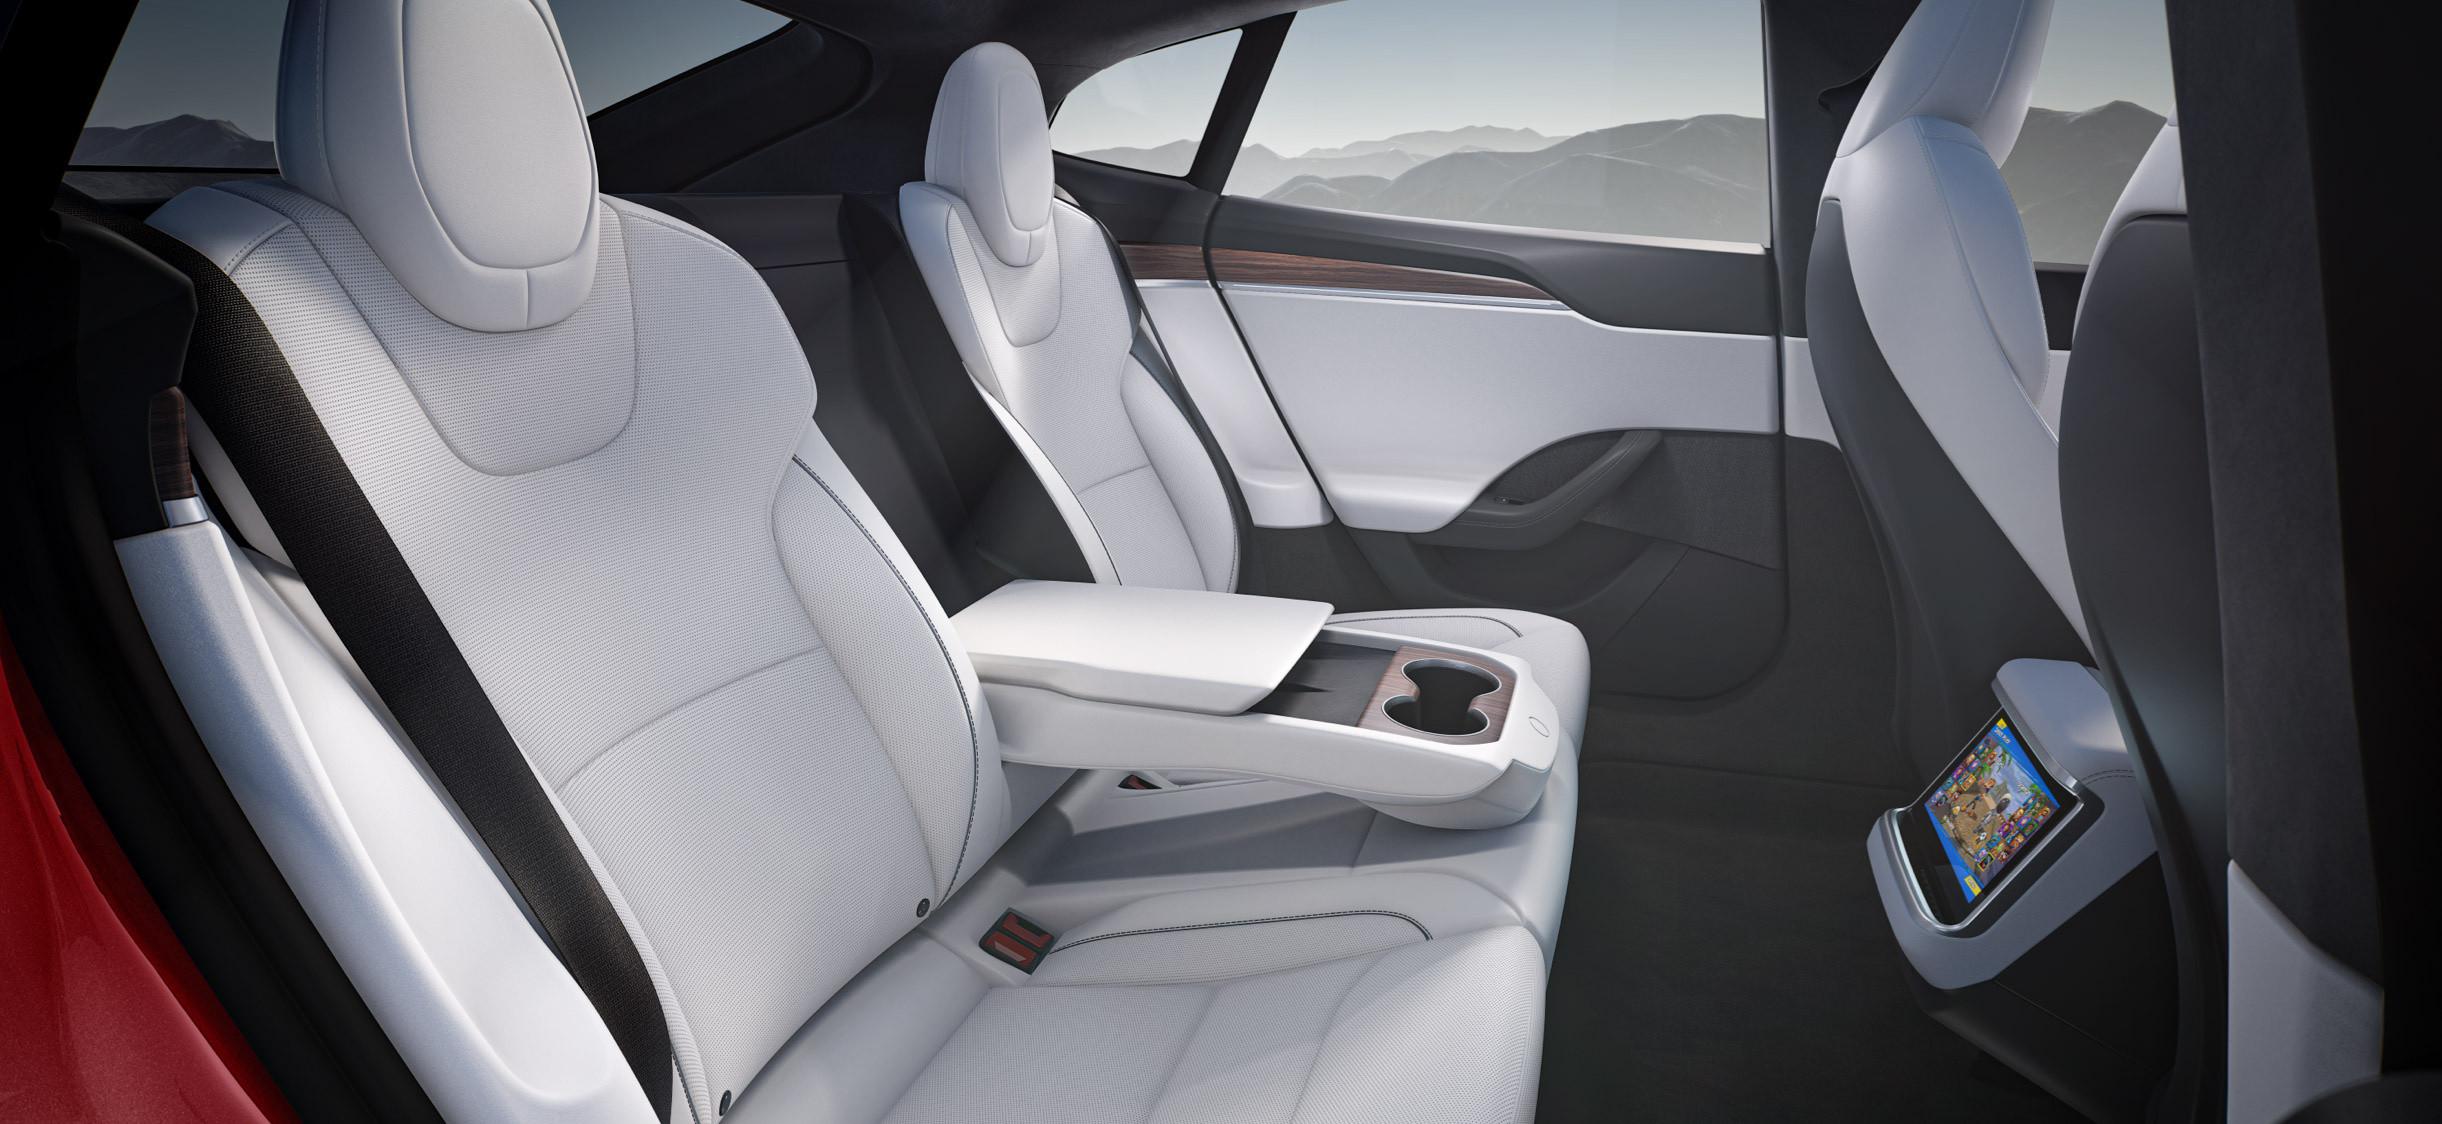 интерьер Tesla Model S 2021 - 2022